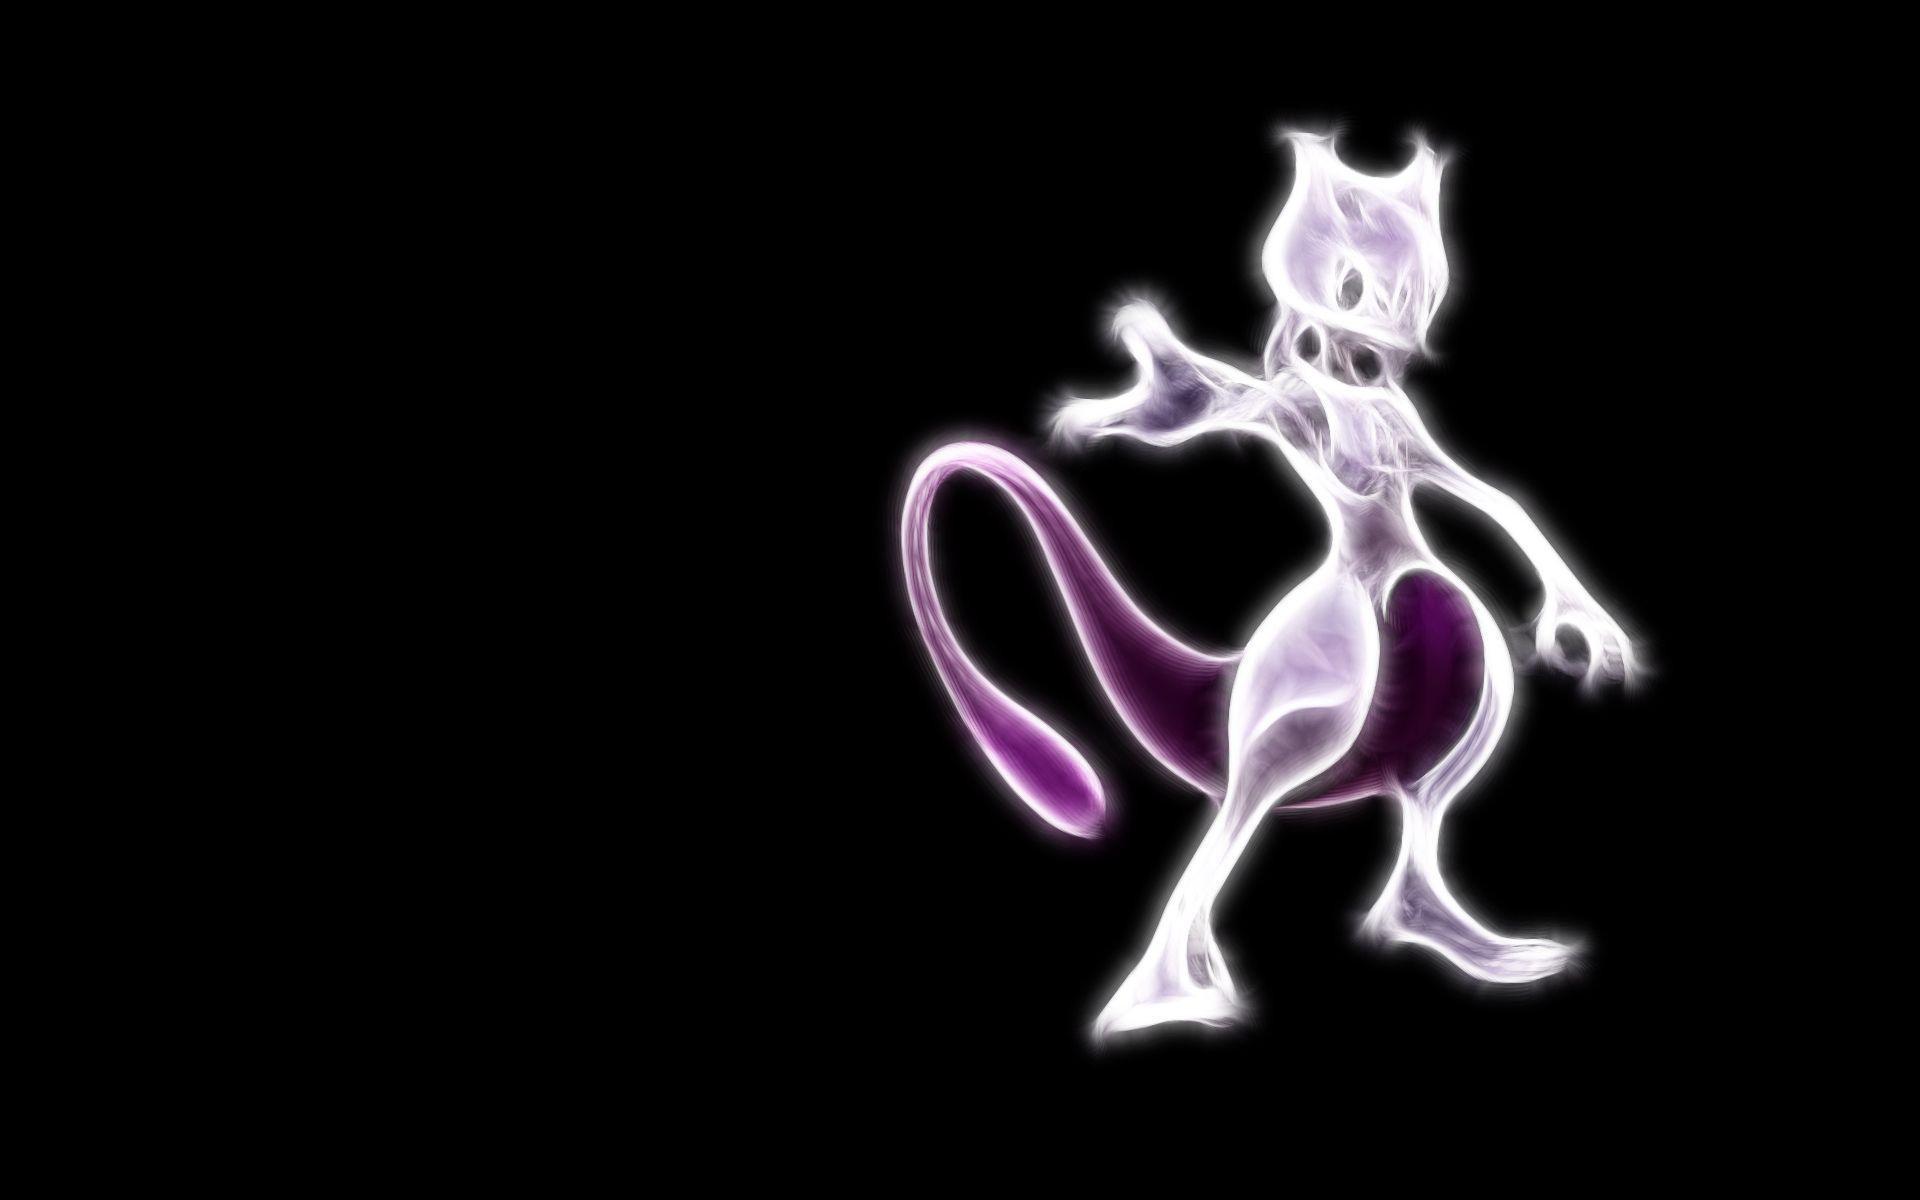 Pokemon Mewtwo Neon Wallpaper